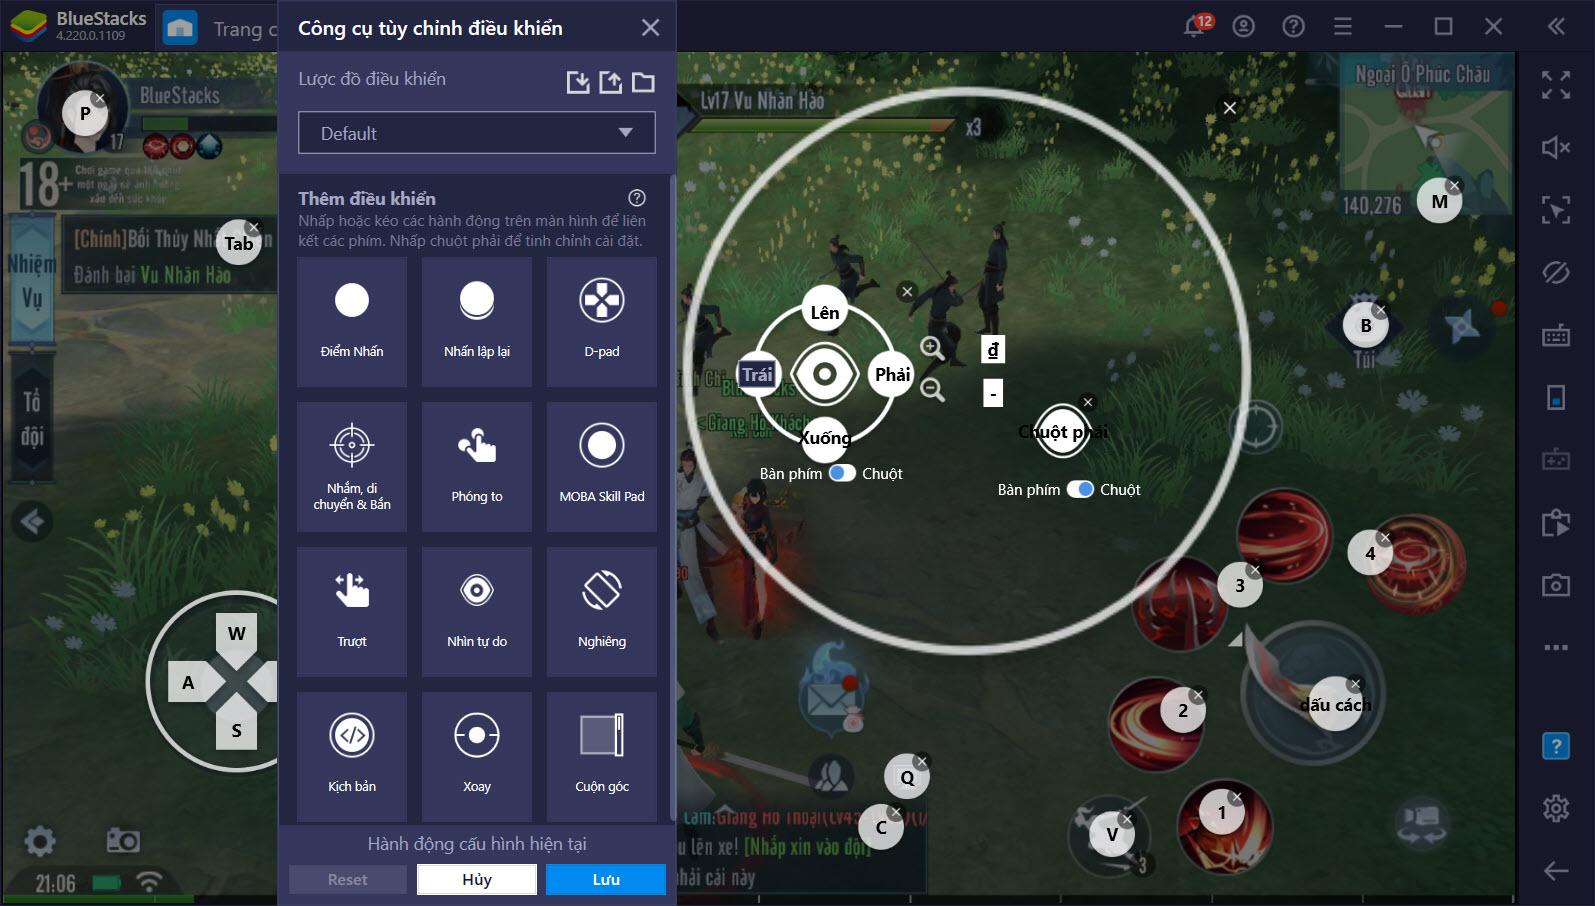 Game Controls, trợ thủ đắc lực của người chơi Tân Tiếu Ngạo VNG